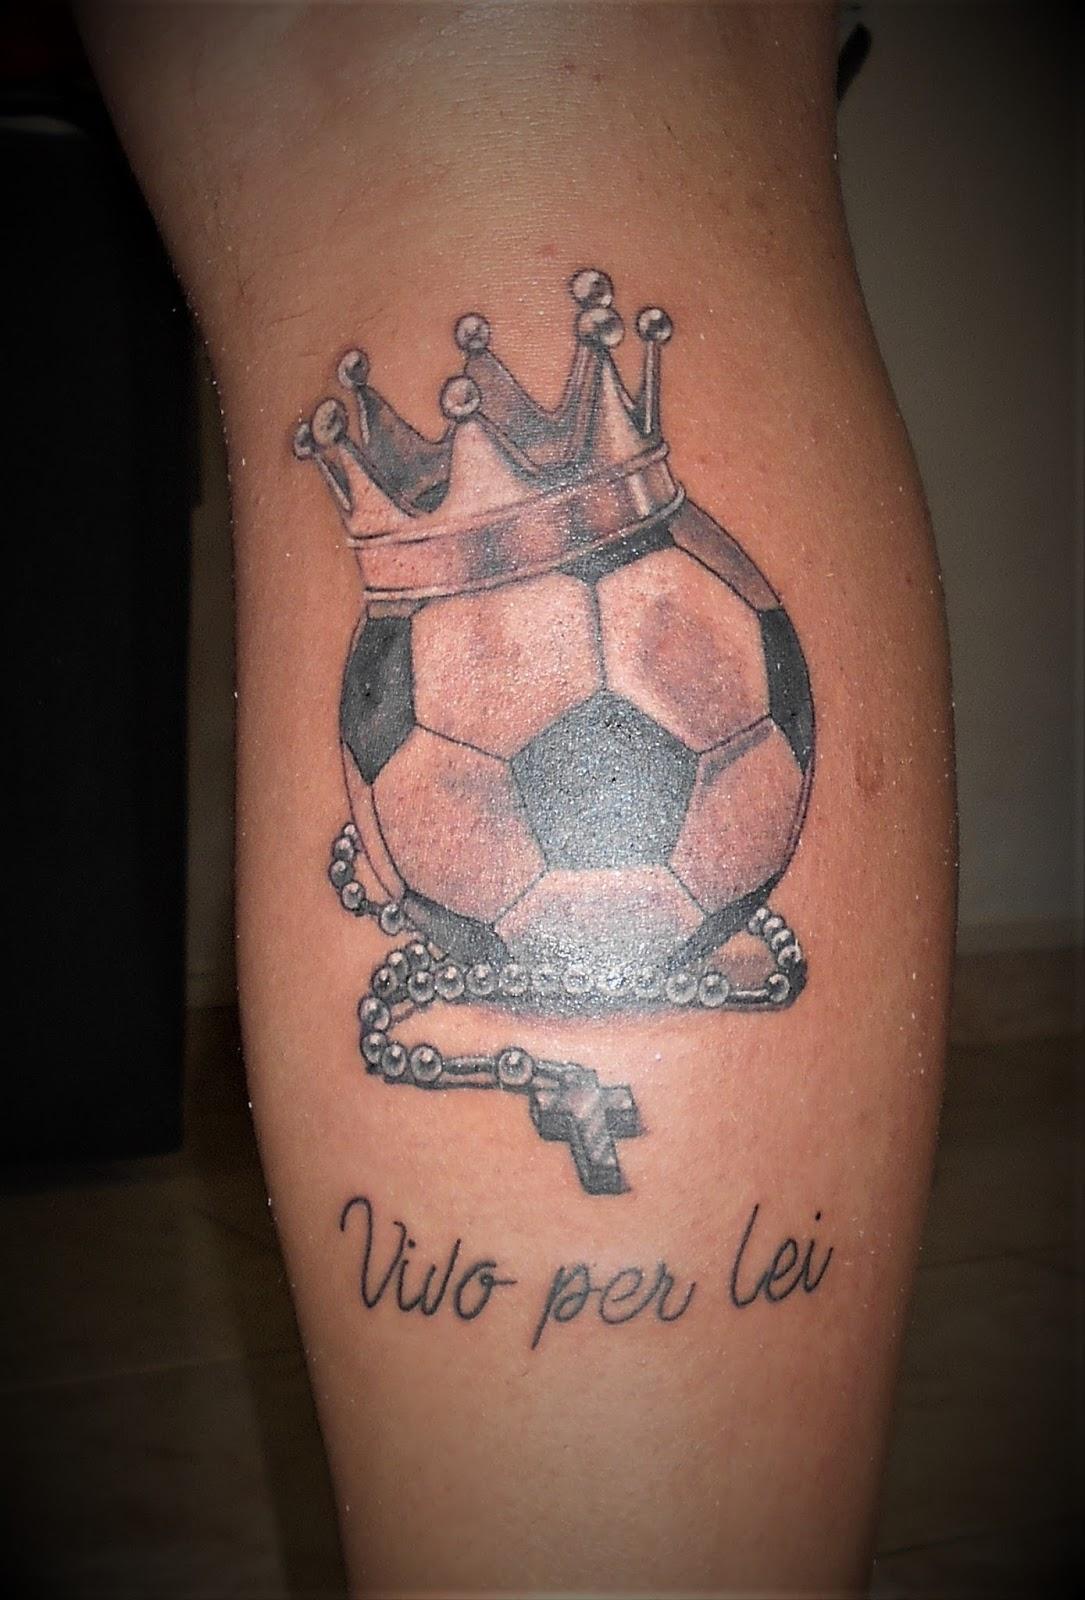 Tatuajes Lfa Tatuajes Pelota Futbol